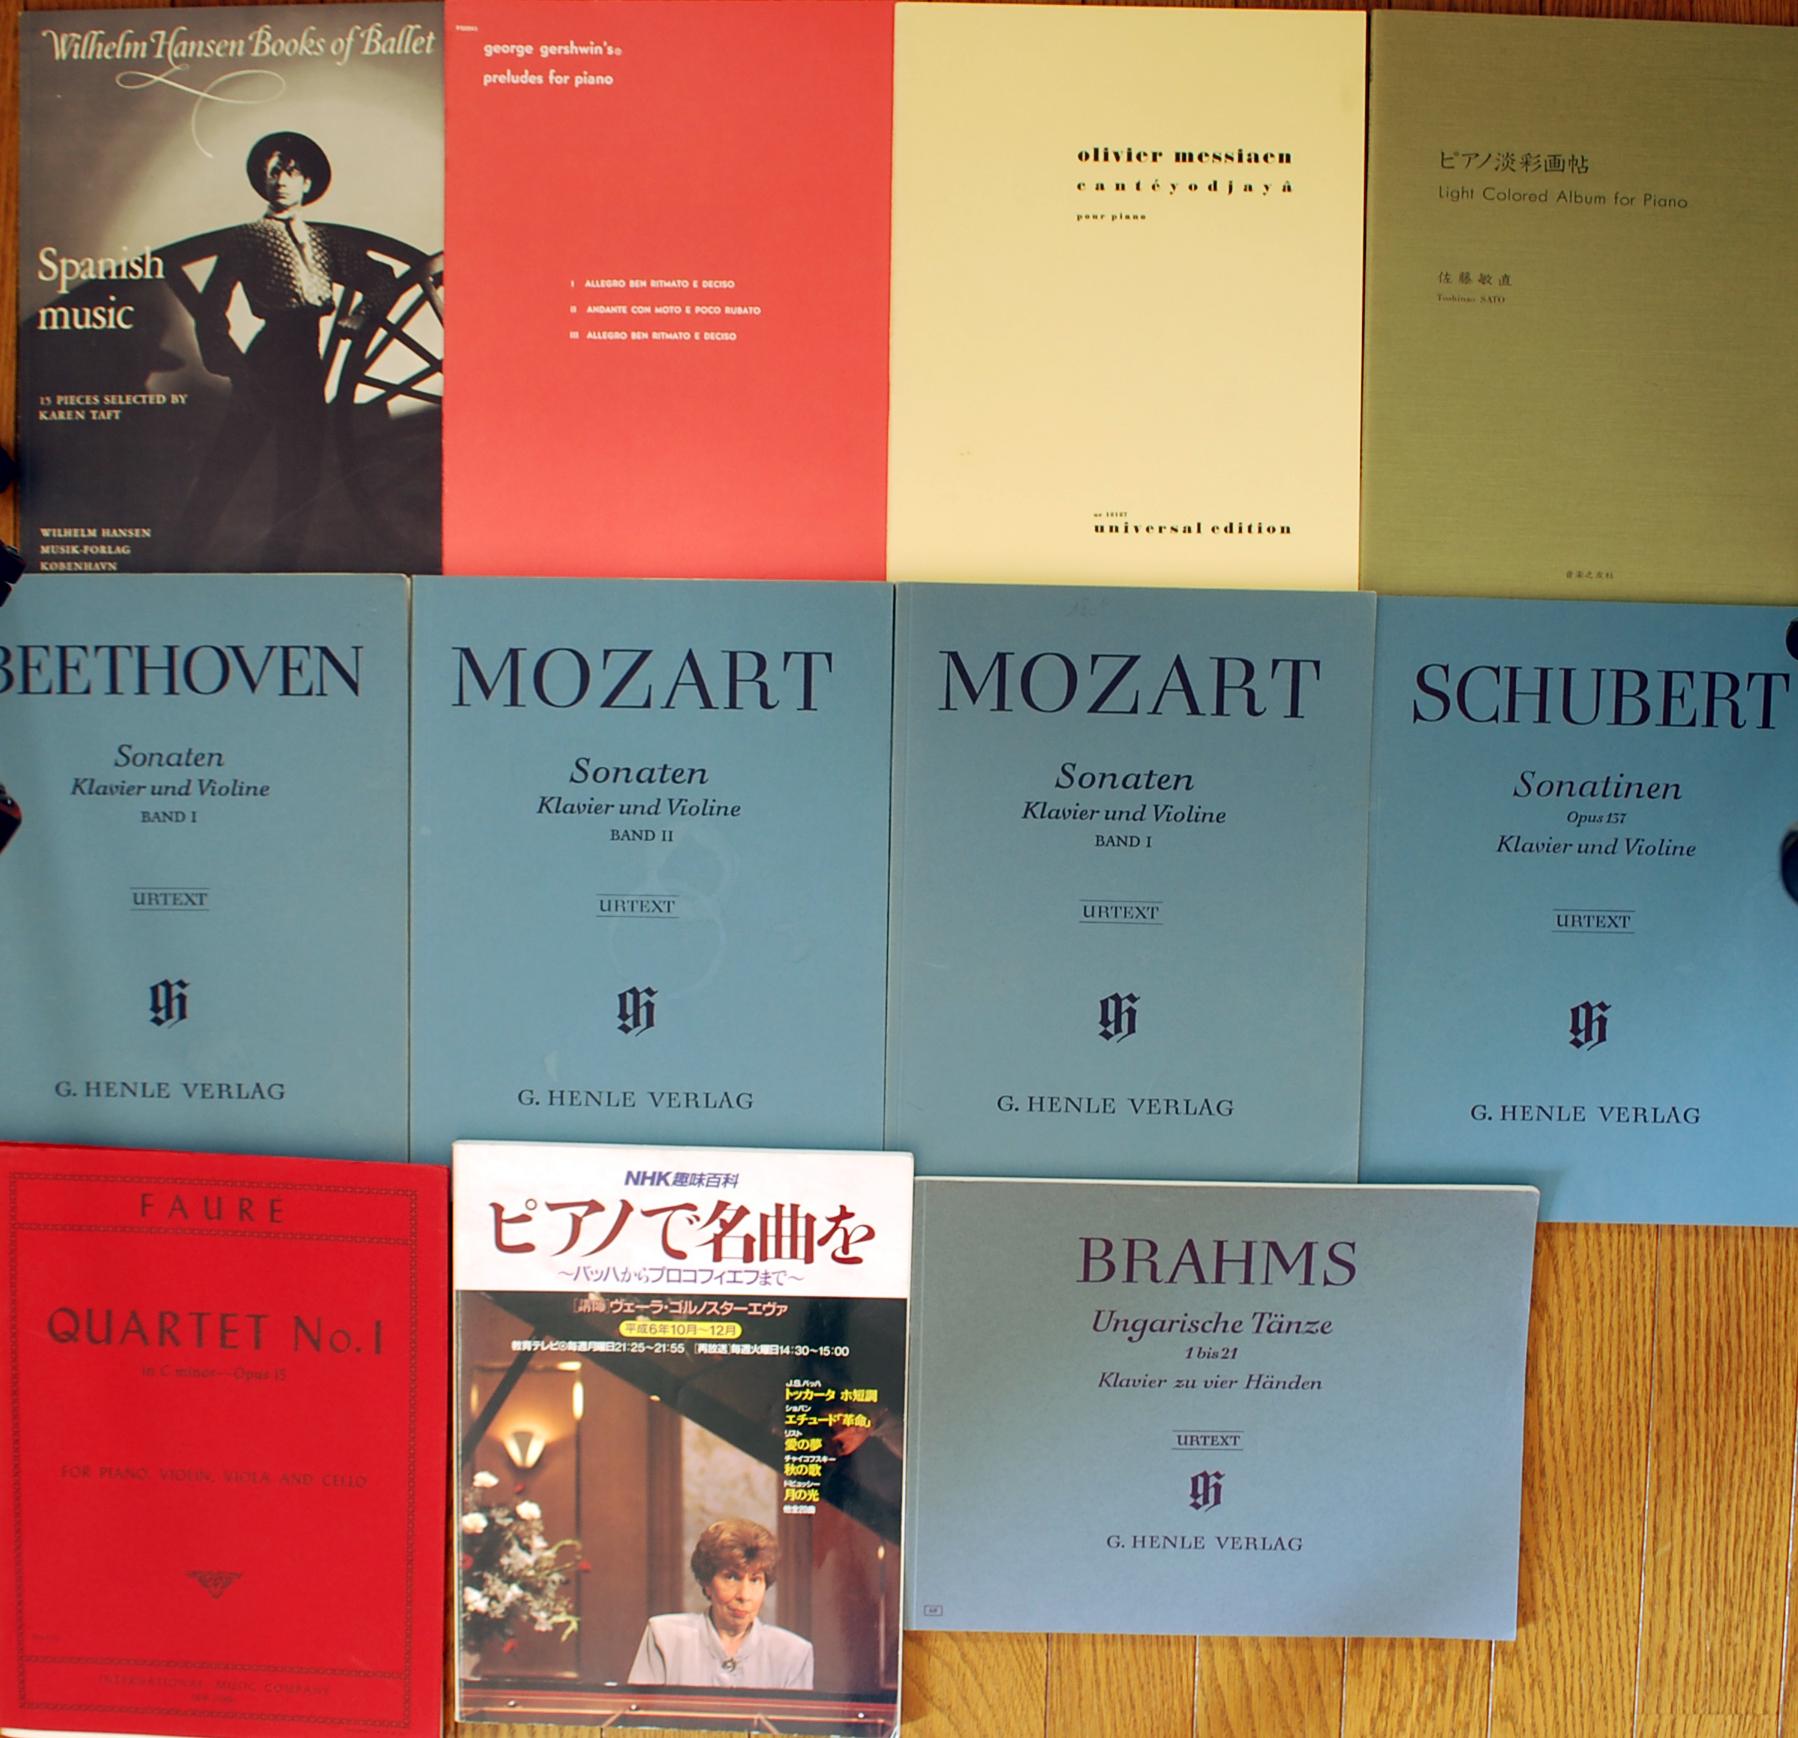 ヘンレ版 シューベルト、モーツァルト、ベートーヴェン等の楽譜スコア買取